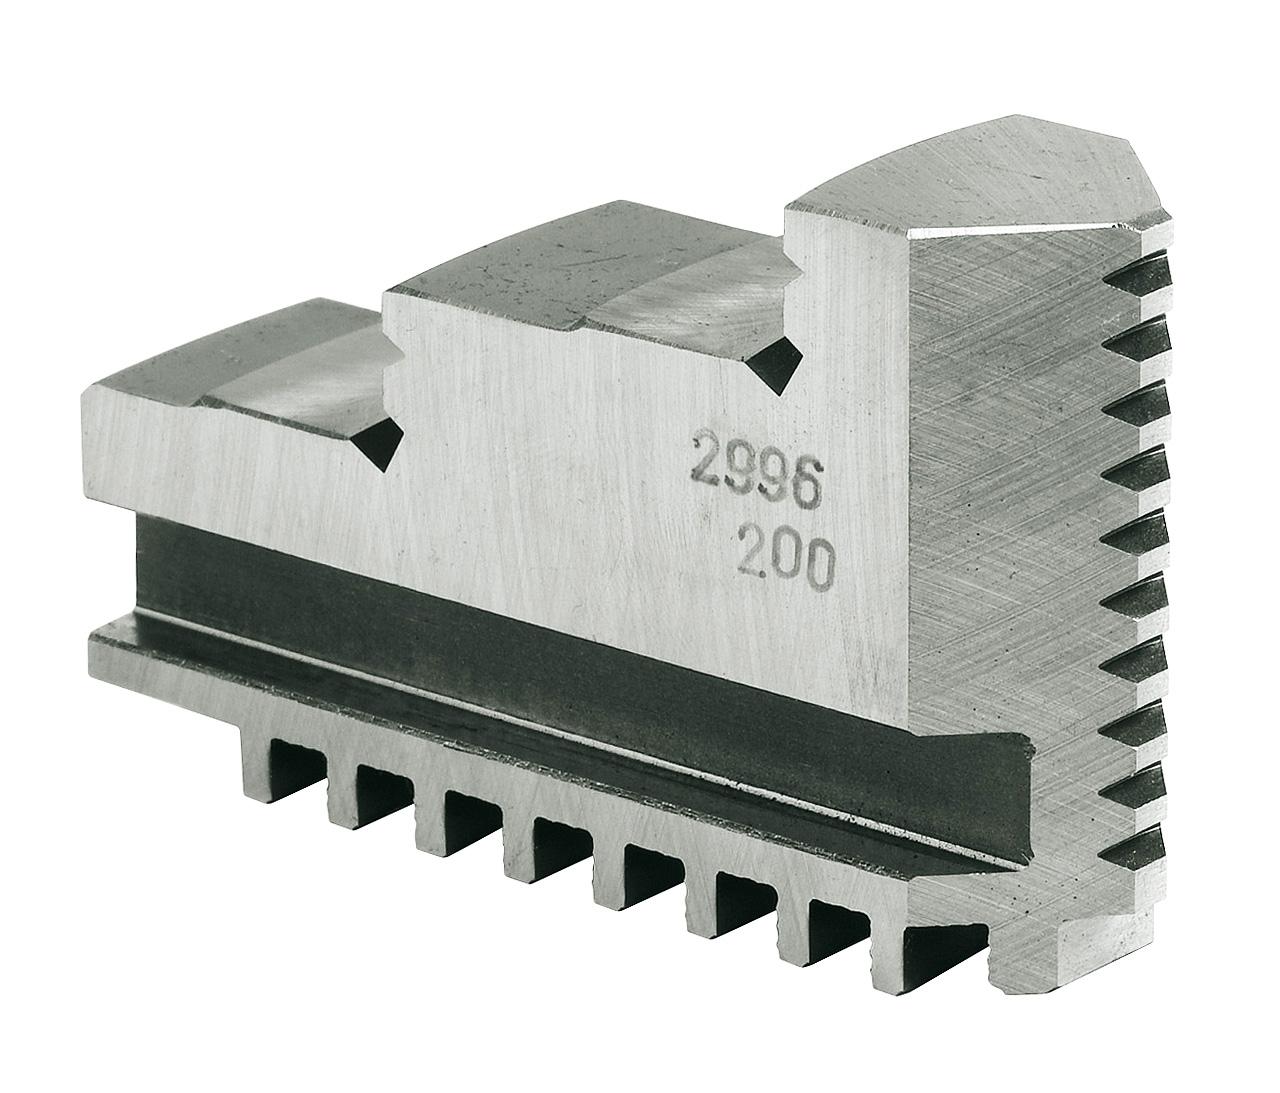 Szczęki jednolite twarde zewnętrzne - komplet DOJ-DK11-500 BERNARDO